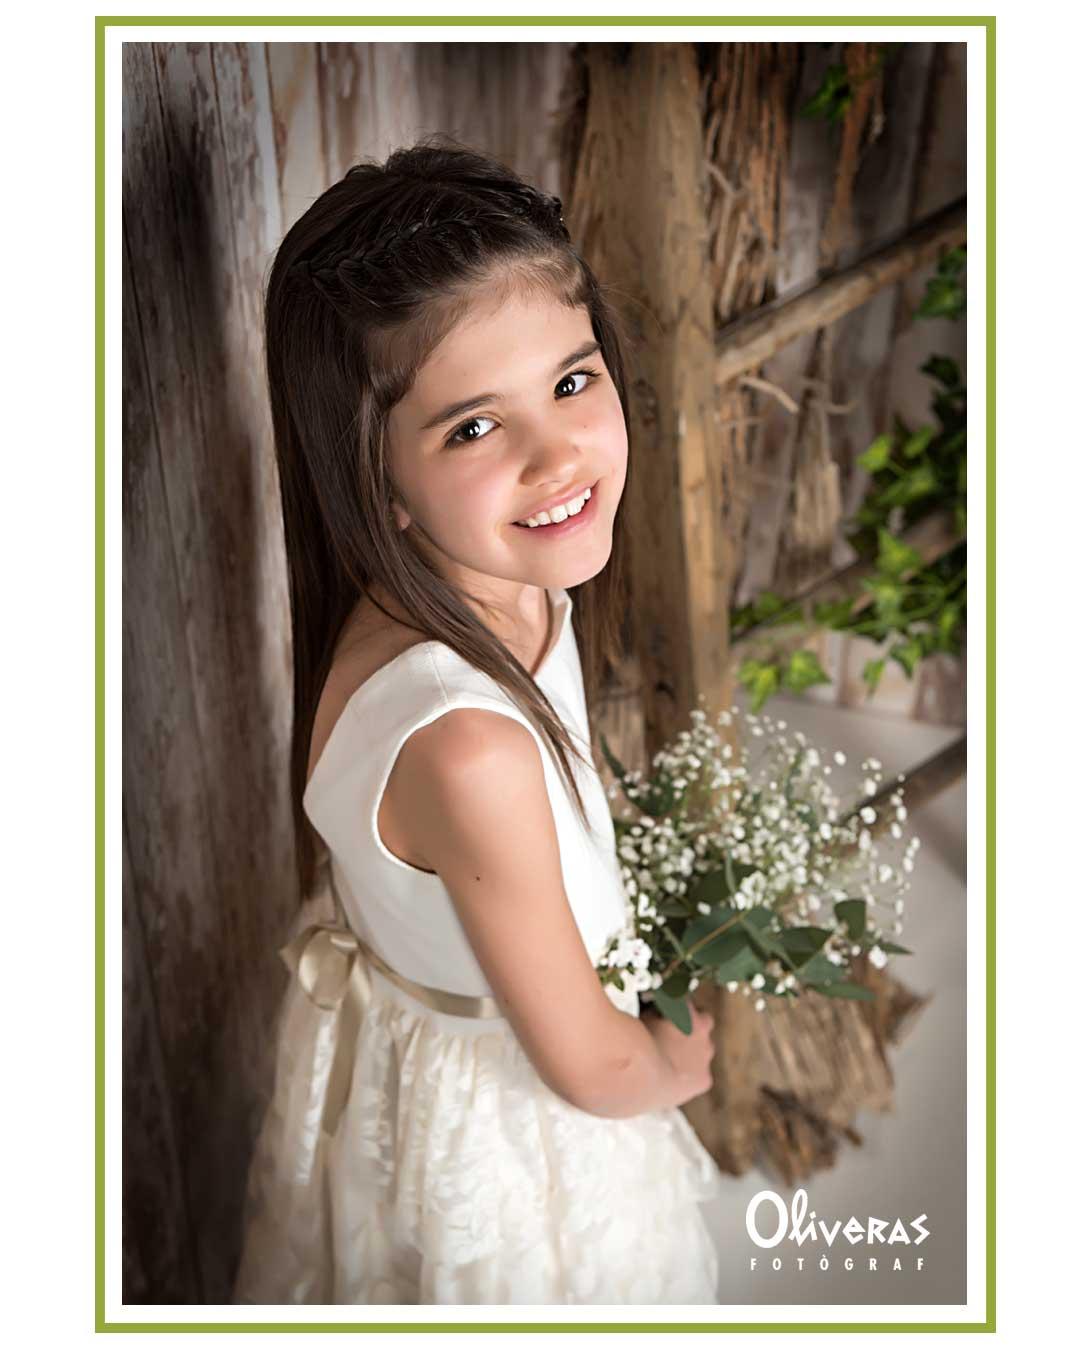 Nena de primera comunió amb cara de felicitat